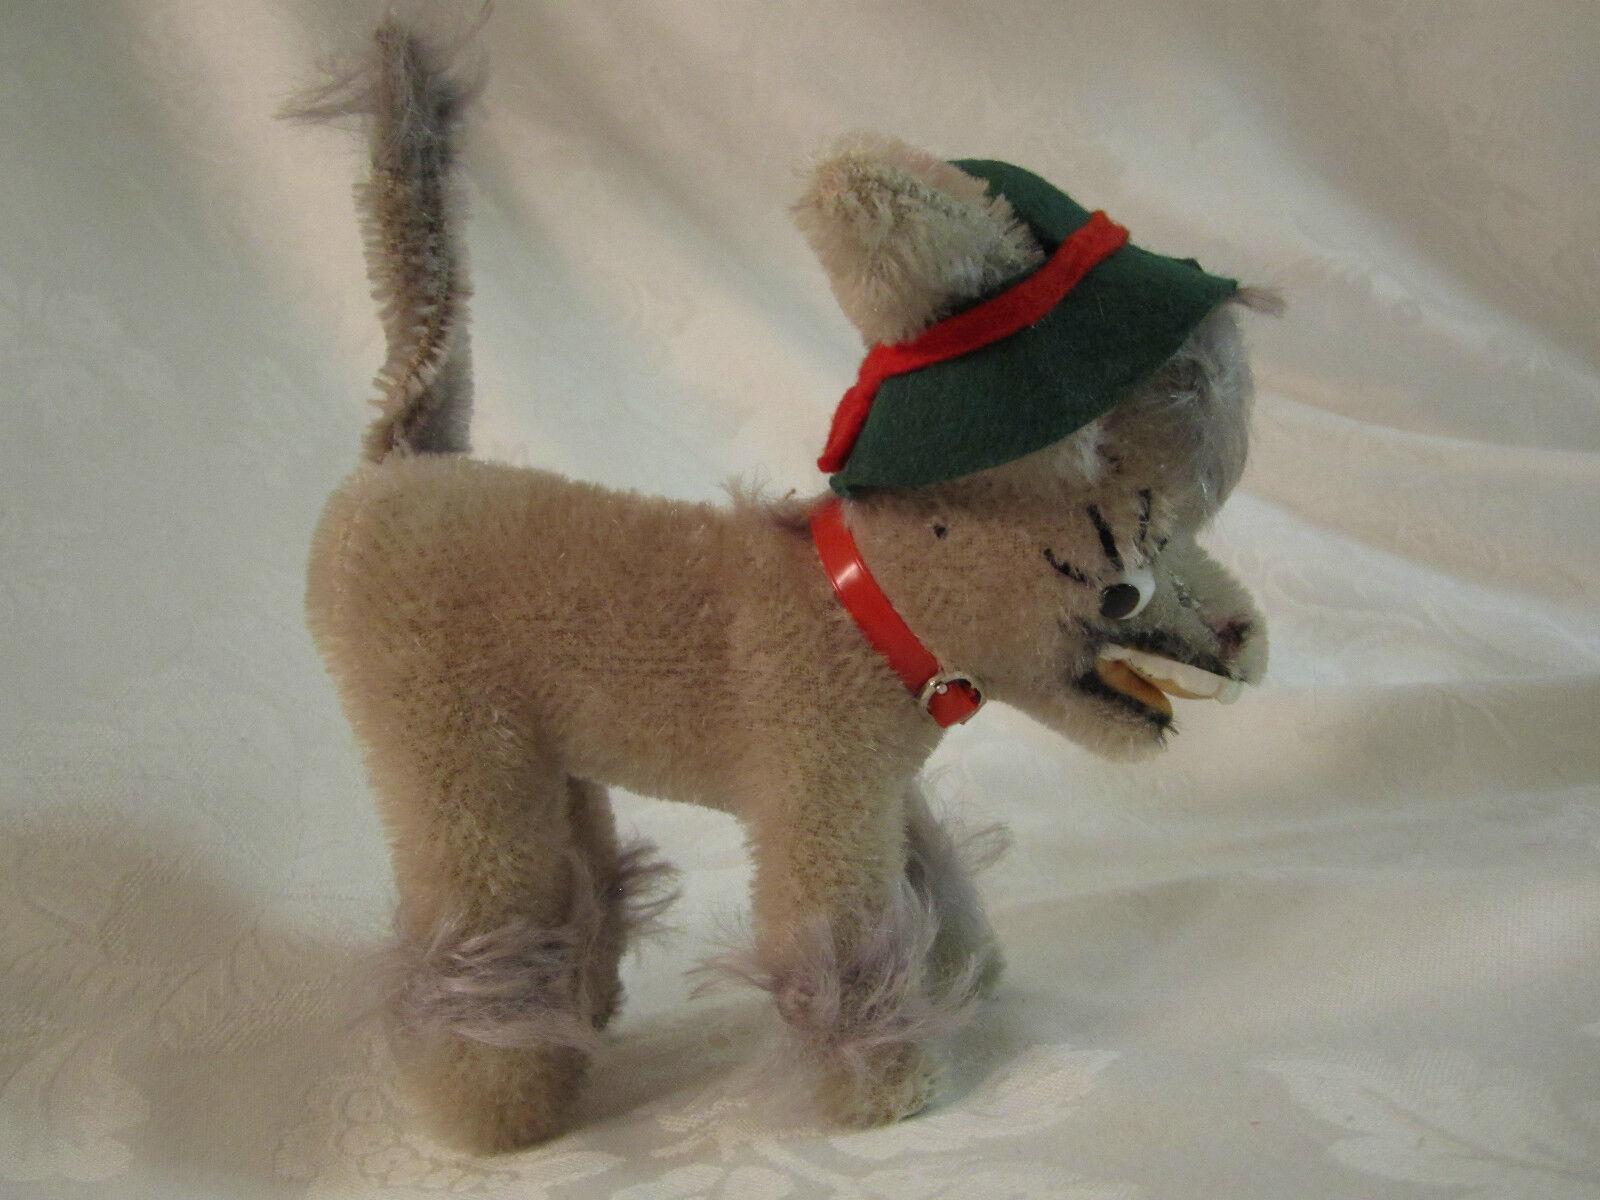 Vintage Anker TYSKLAND Mohair Skrattande Donkey MUFTI grön hatt och röd krage 1960-talet